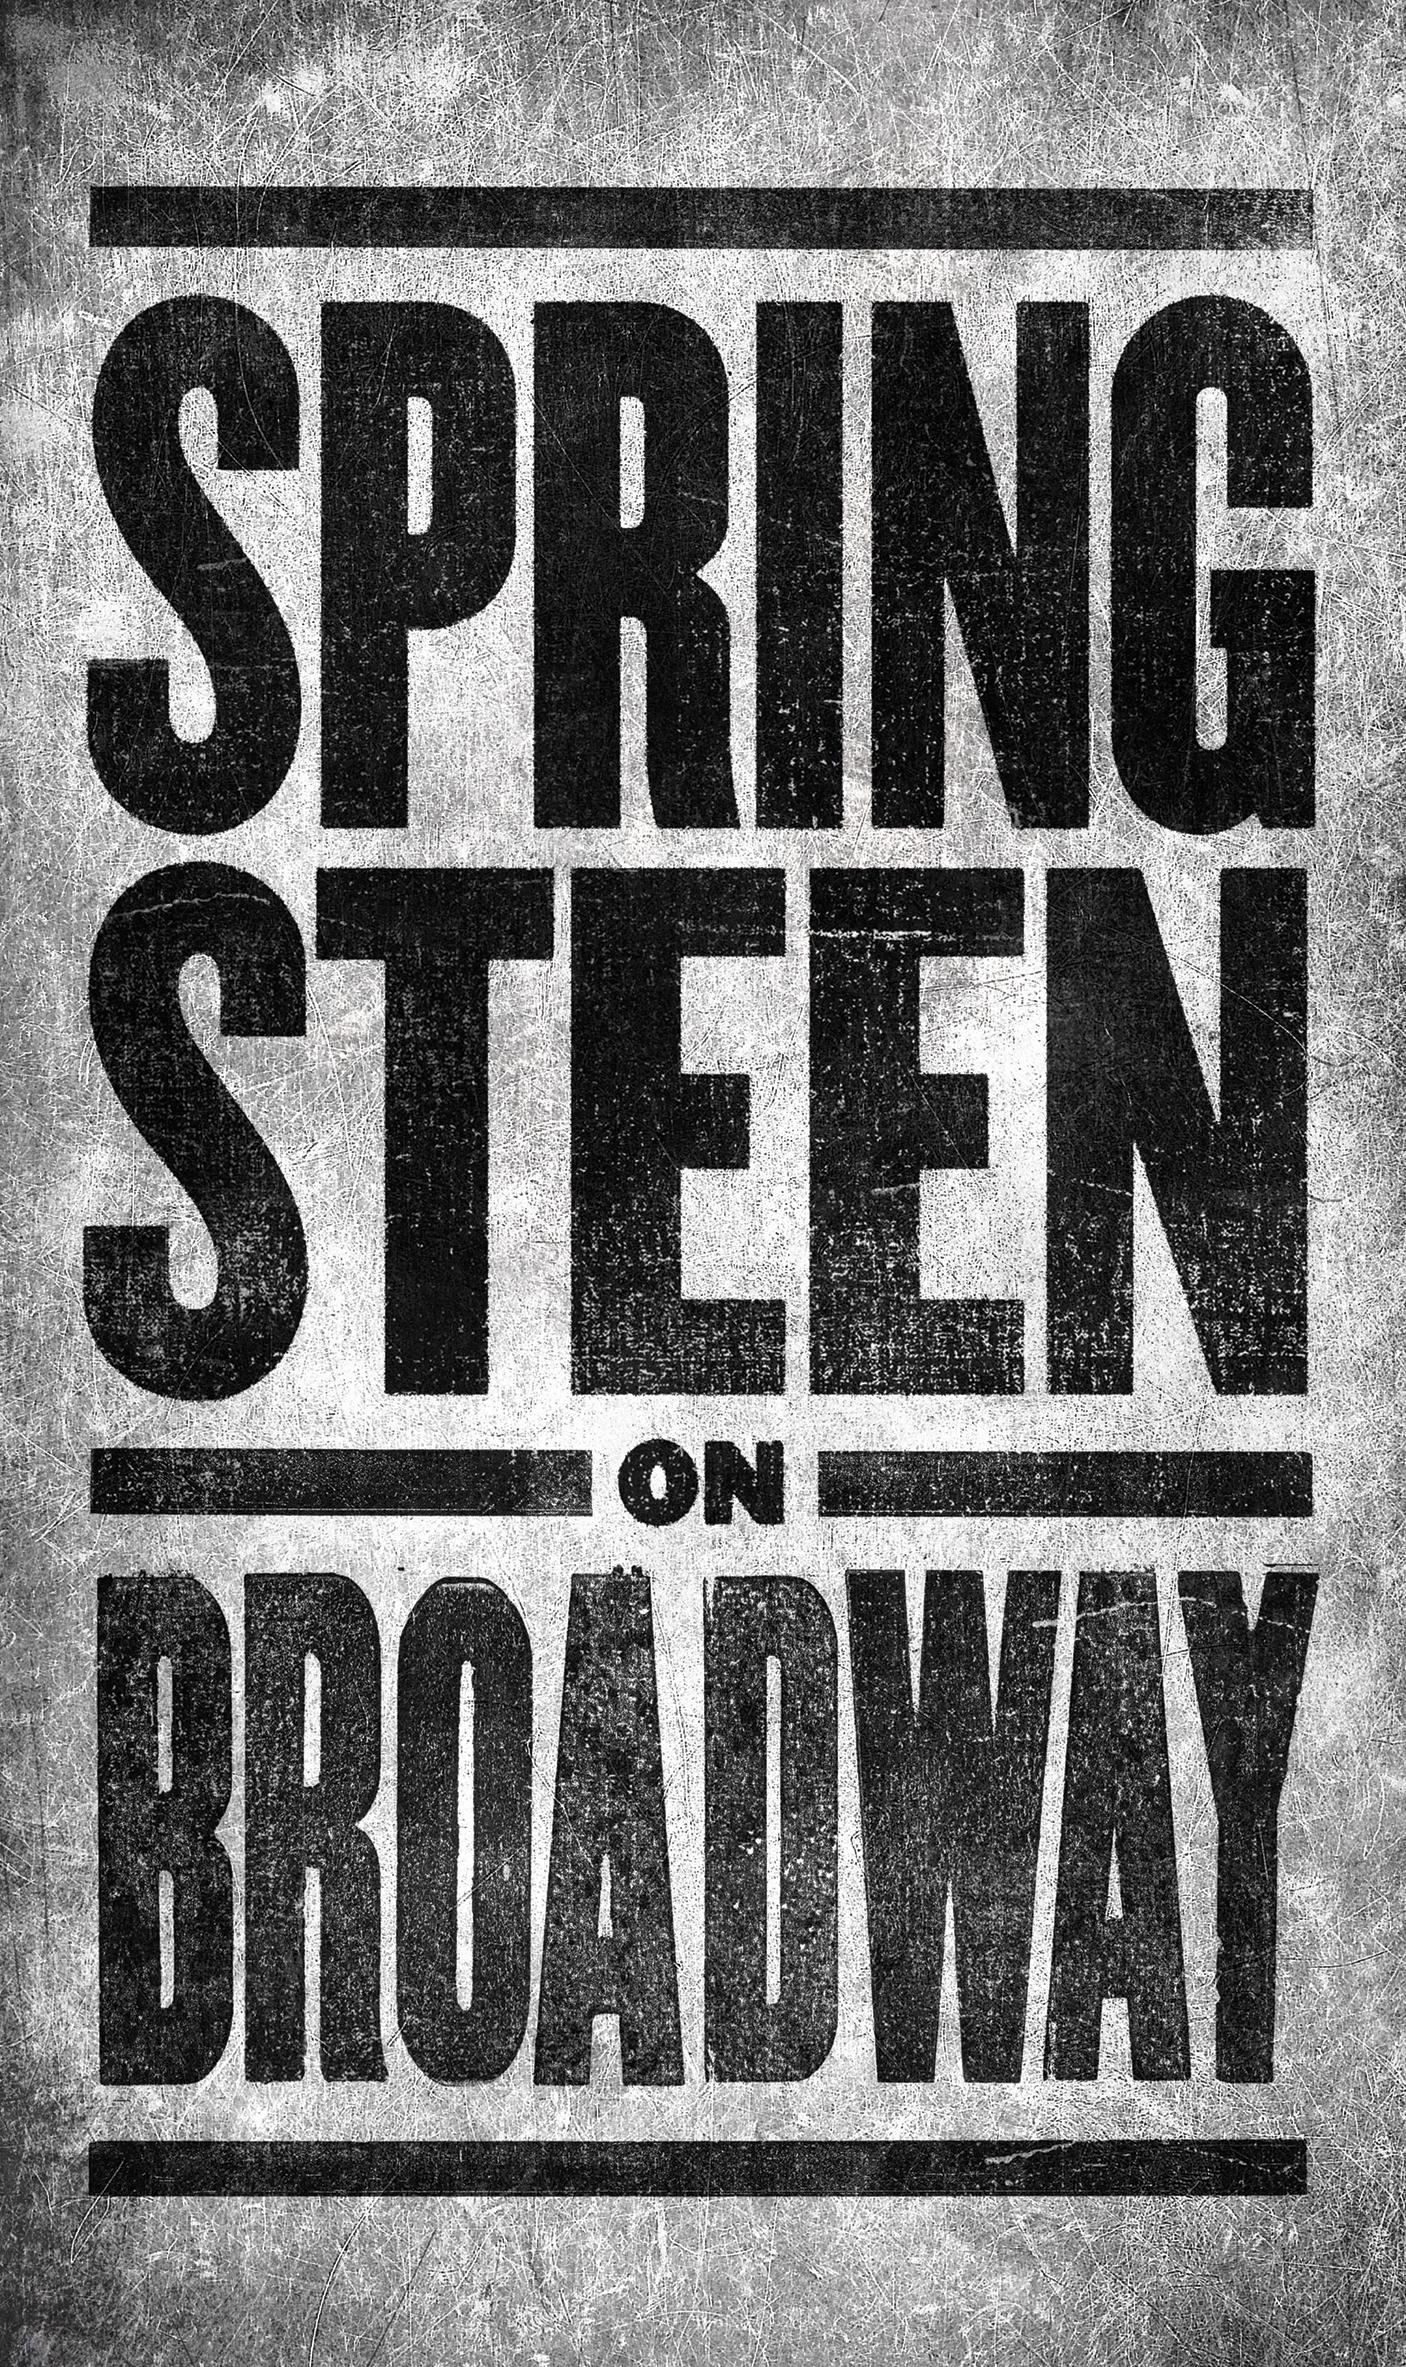 springsteen broadwa Bruce Springsteen announces eight week Broadway residency